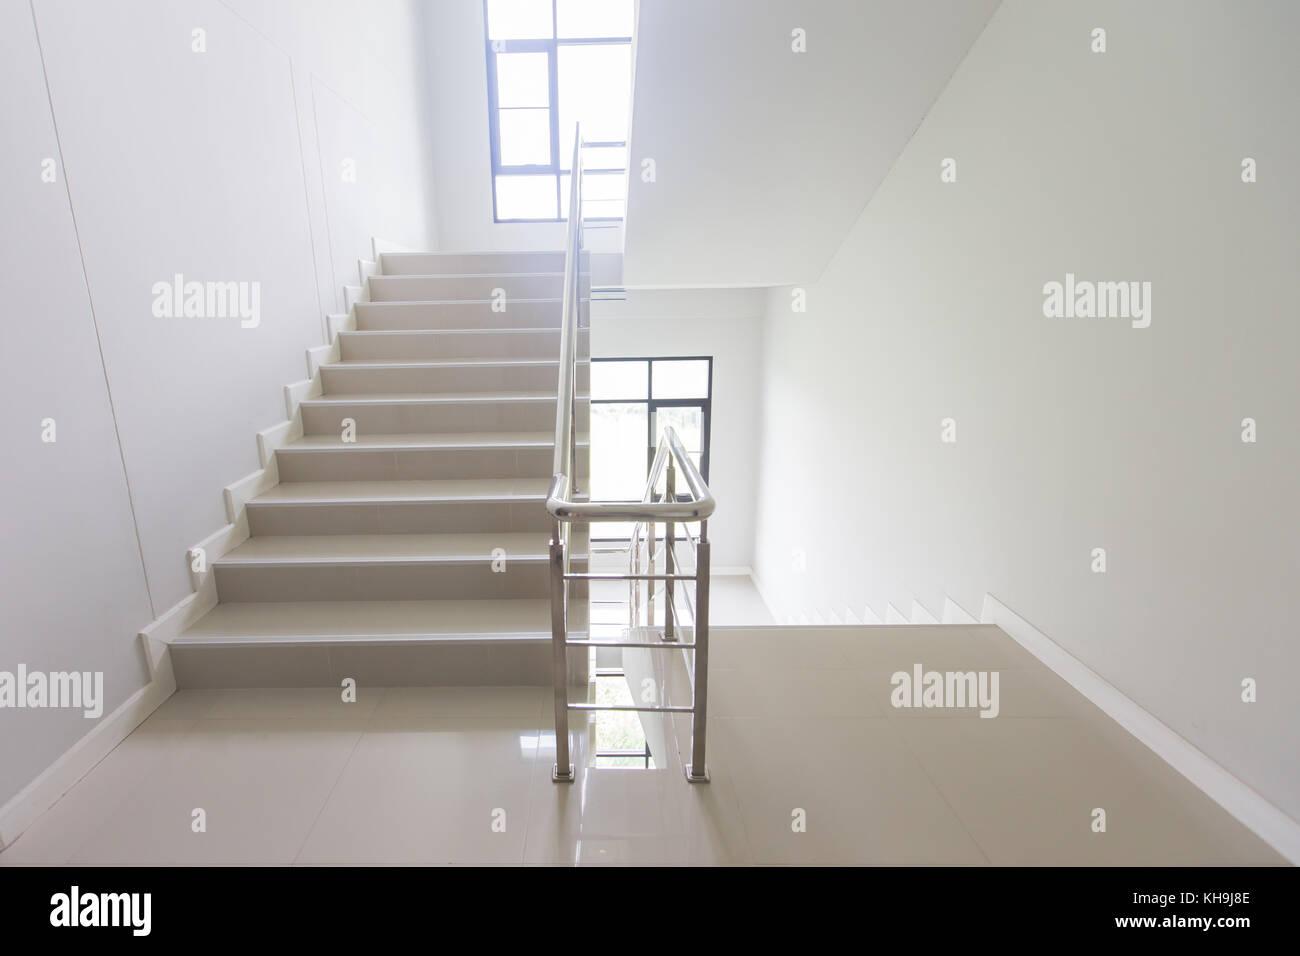 Escalier Interieur Maison Moderne sortie de secours - escalier dans l'hôtel, près de l